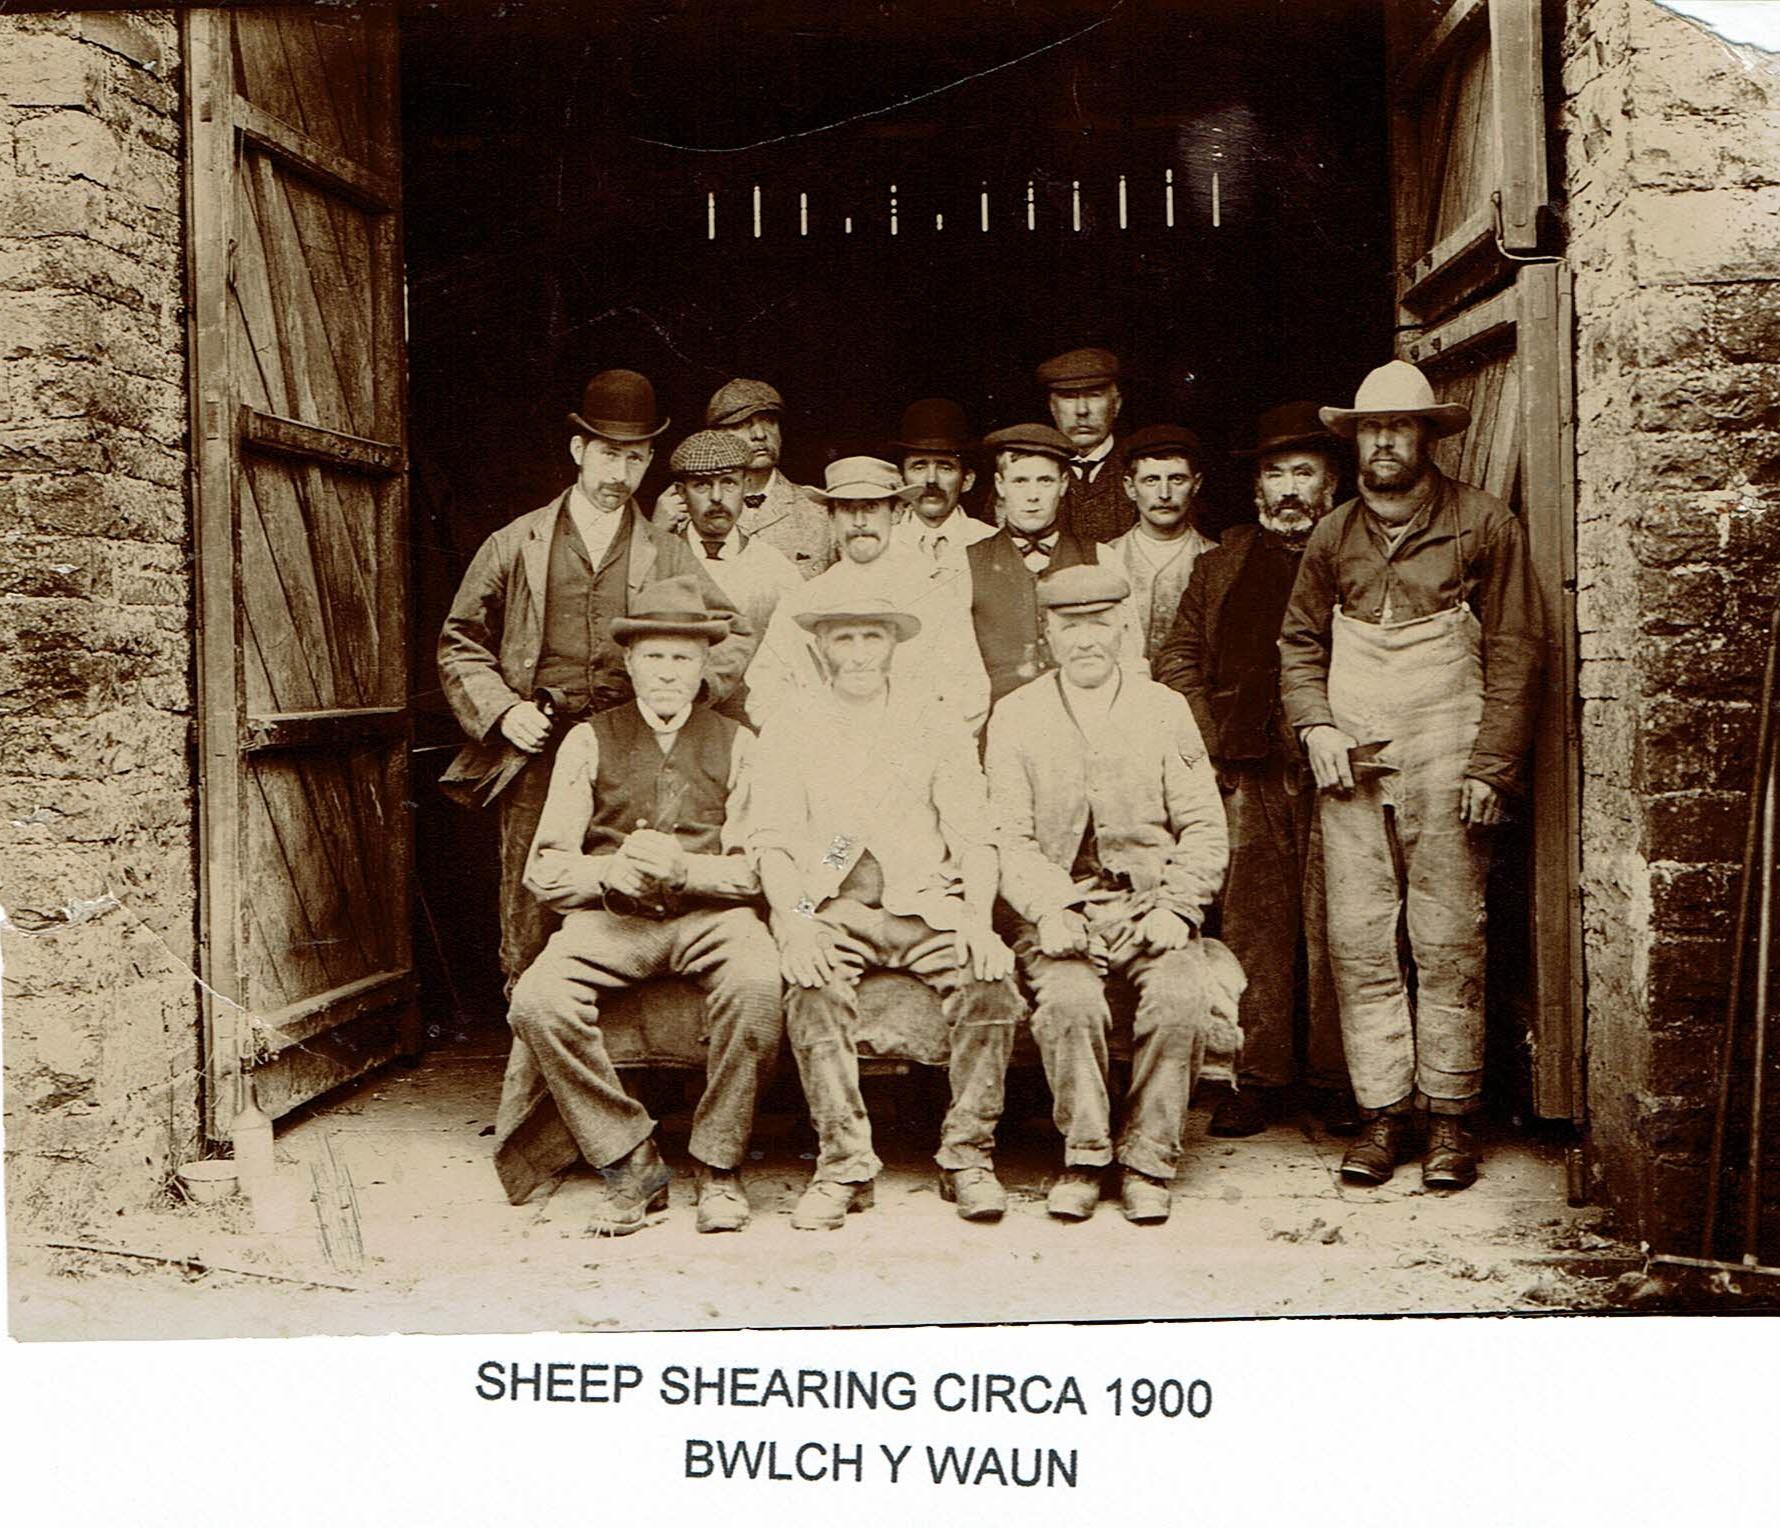 Shearting at Bwlchwaun C1900